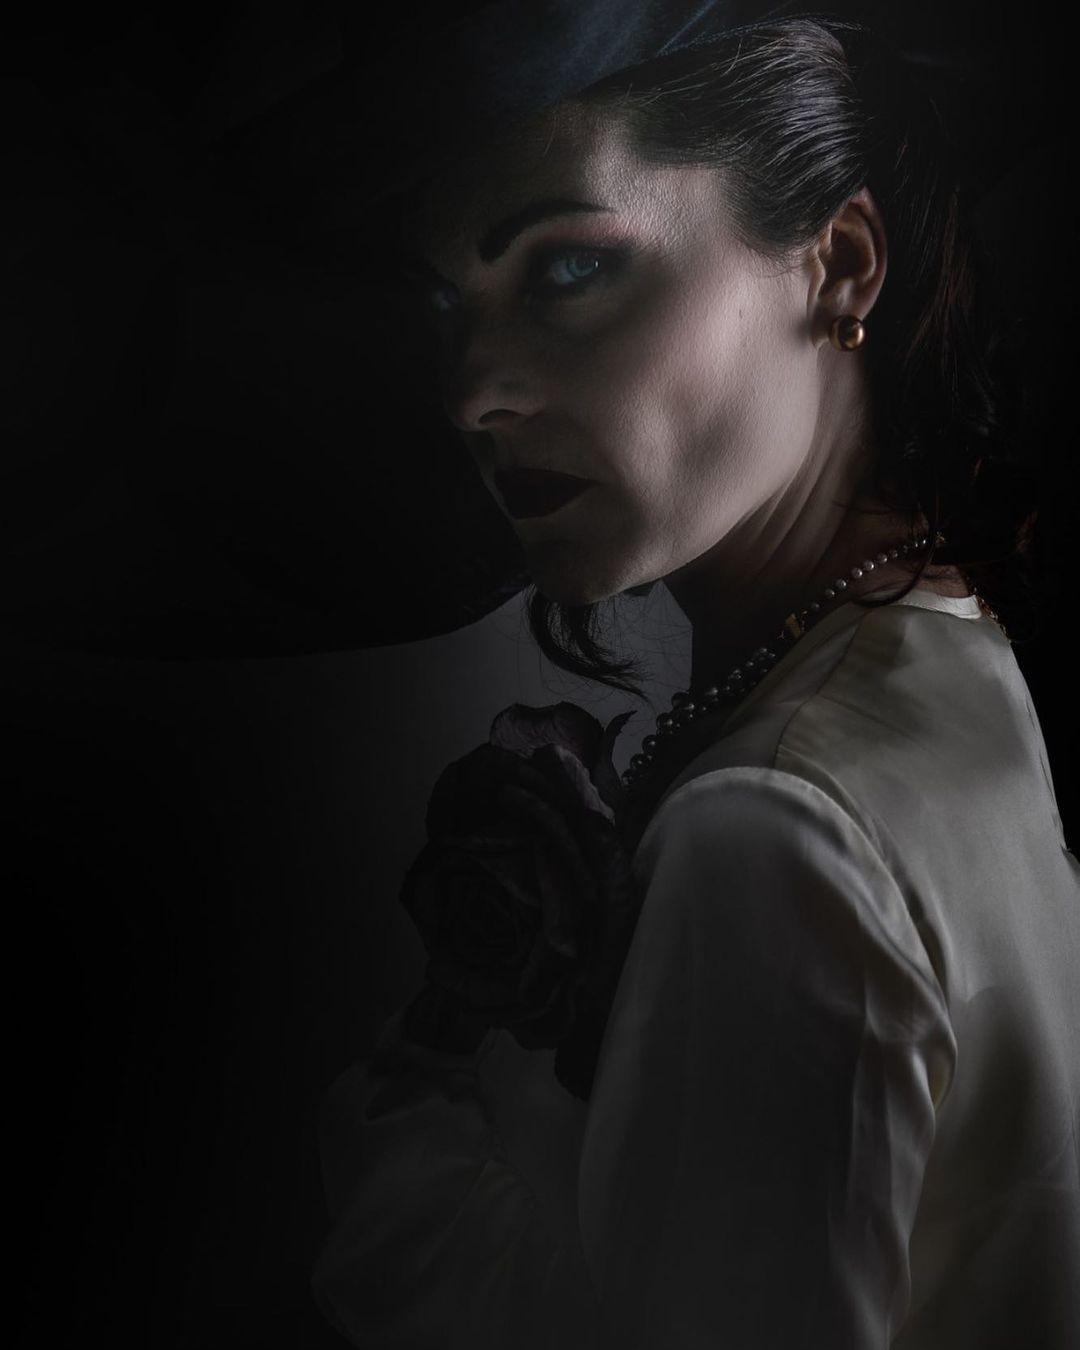 Lady Dimitrescu resident evil village actriz helena mankowska cosplay